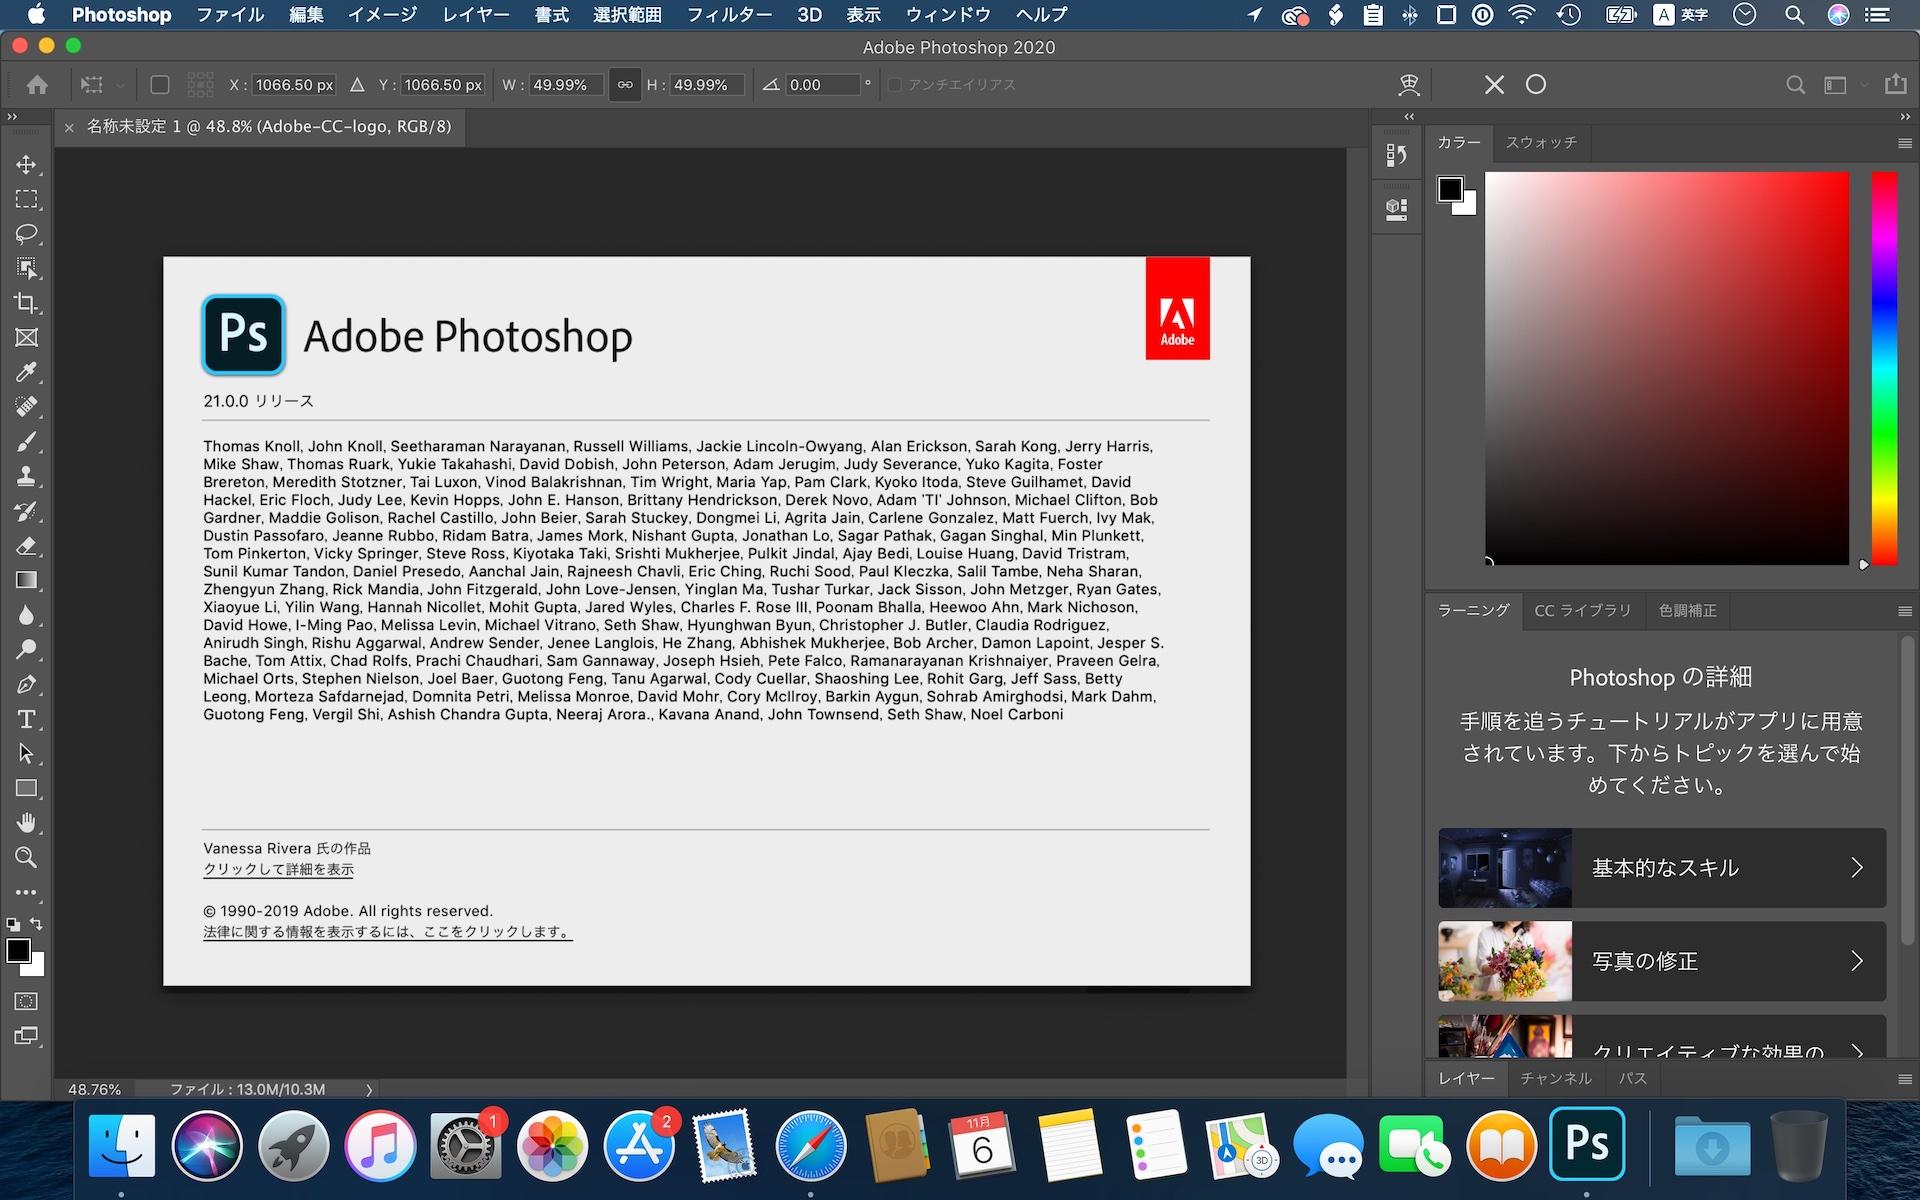 Adobe Photoshop v21